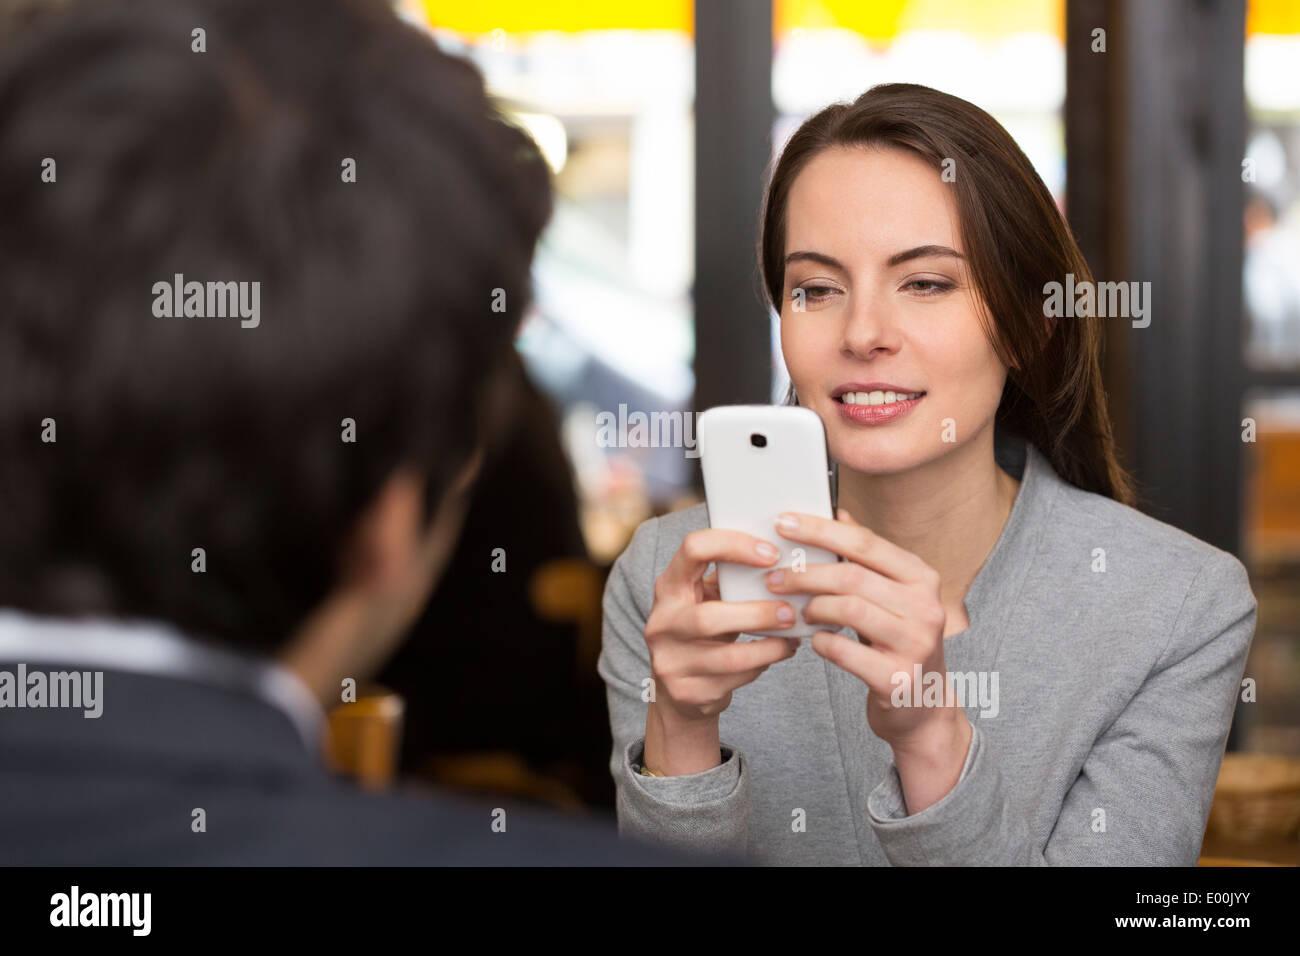 Macho hembra alegre bar cena smartphone sms surf web Imagen De Stock